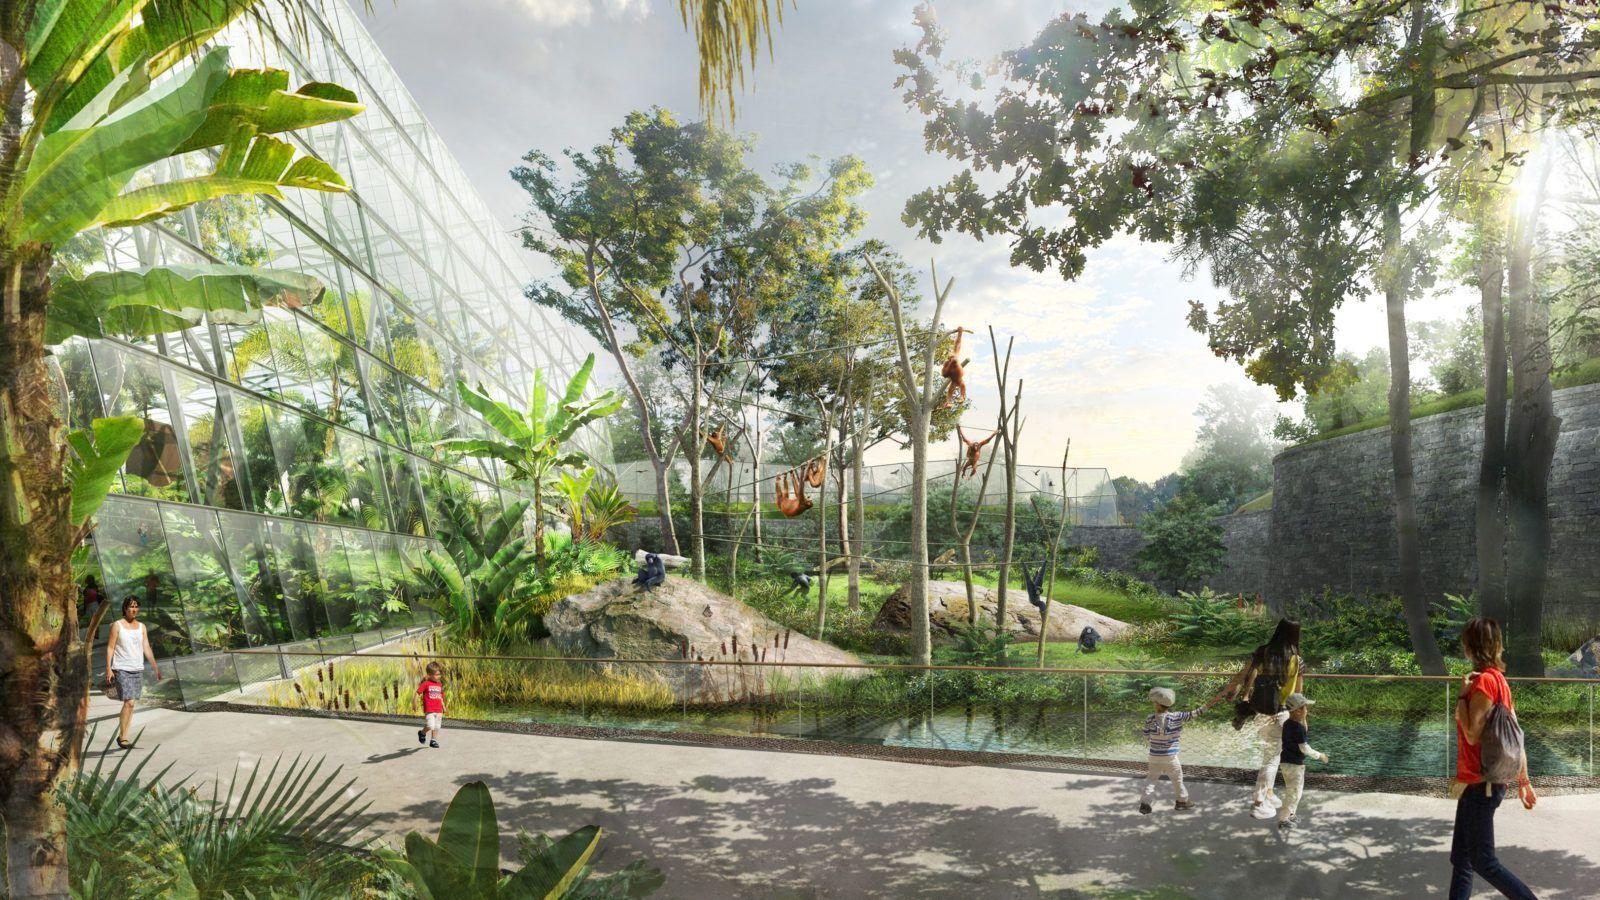 Le Grand Zoo - Mutabilis